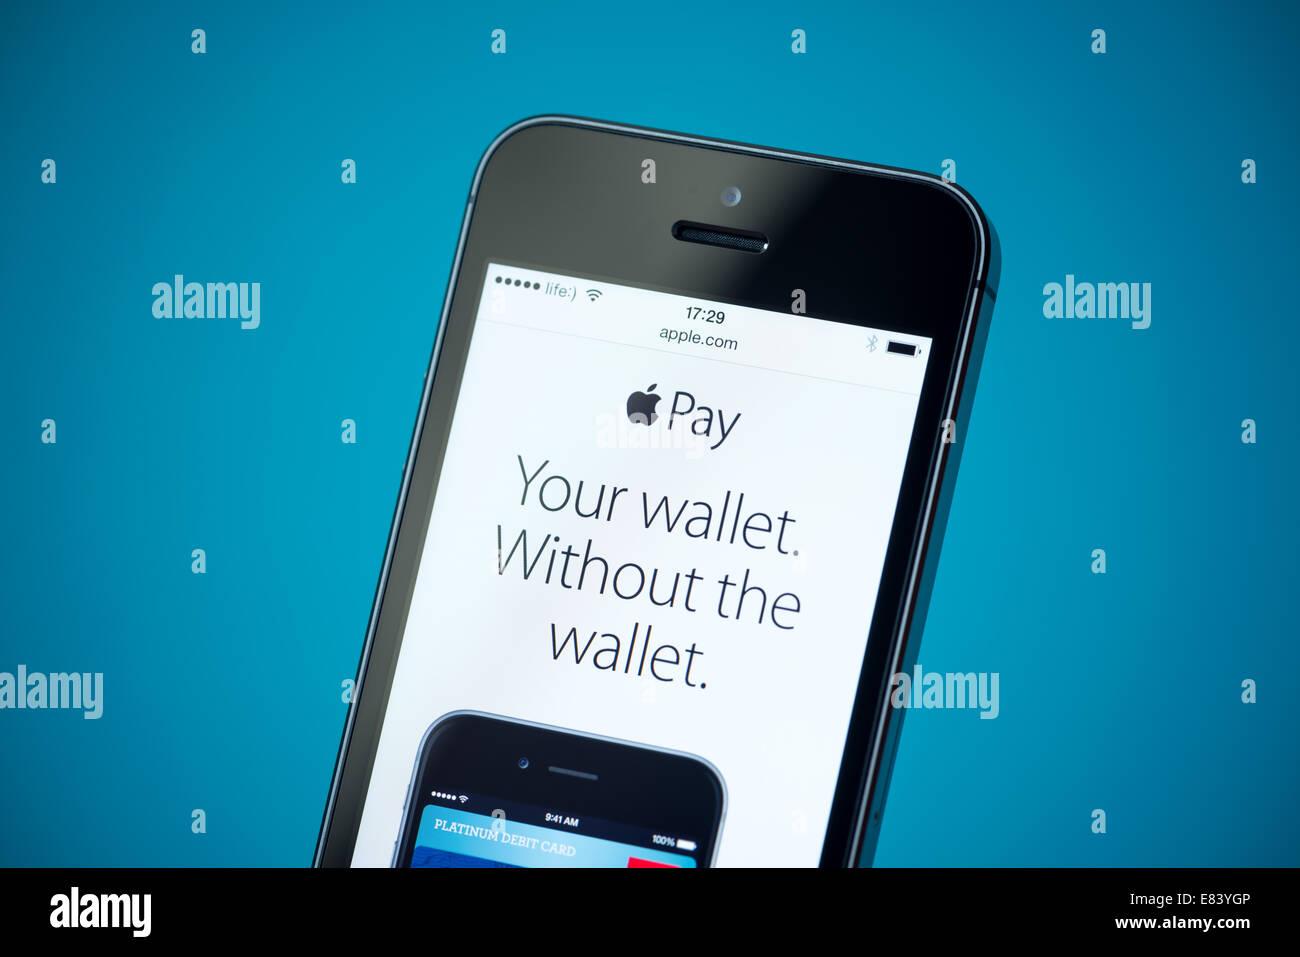 Close-up shot of brand new Apple iPhone 5S montrant web apple.com avec news annoncer d'Apple Service payant. Banque D'Images